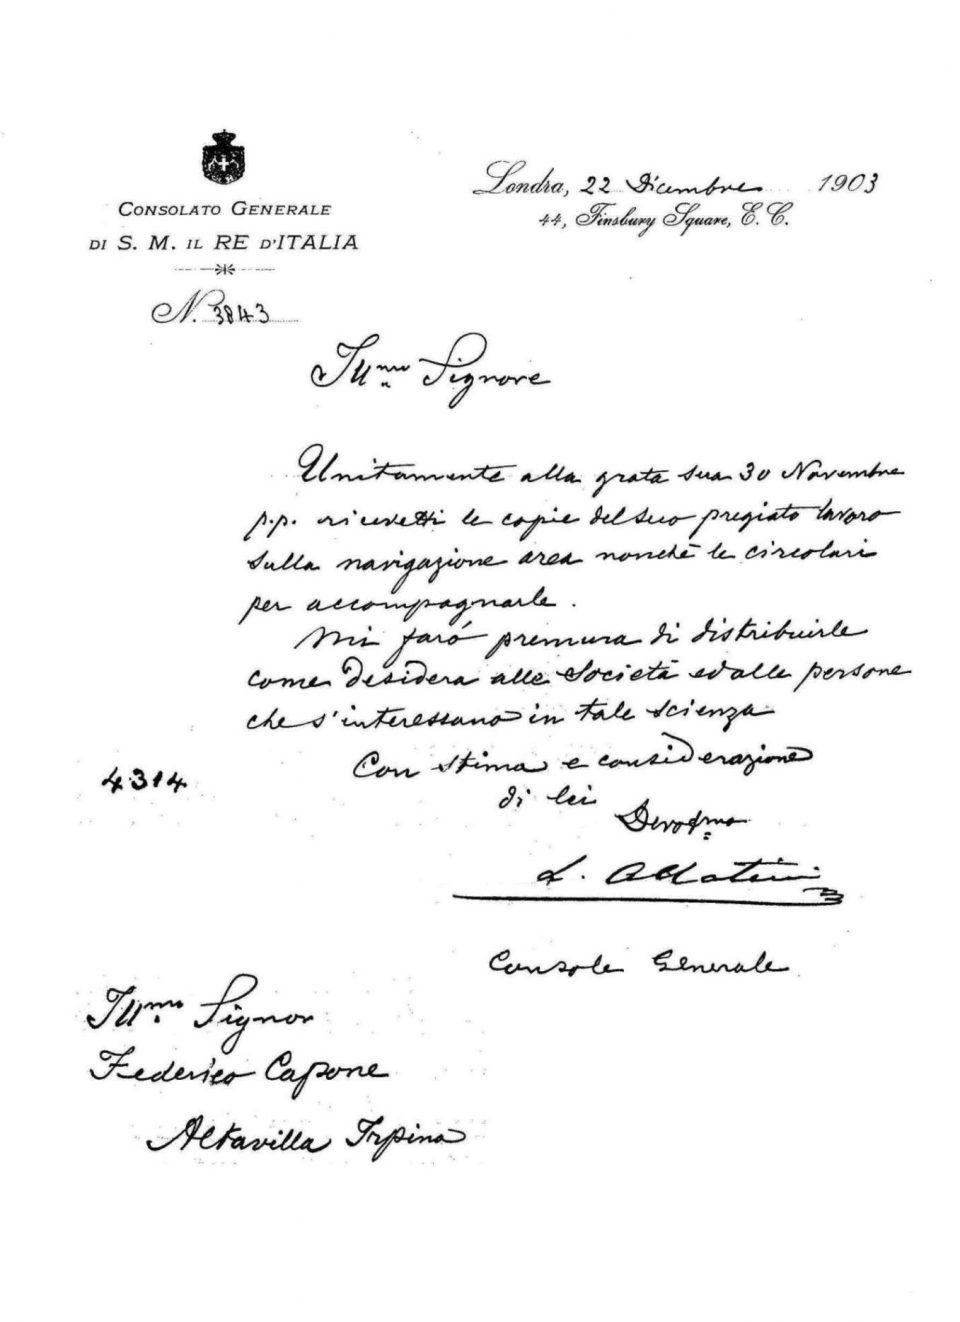 Lettera tra il Console Italiano e Federico Capone